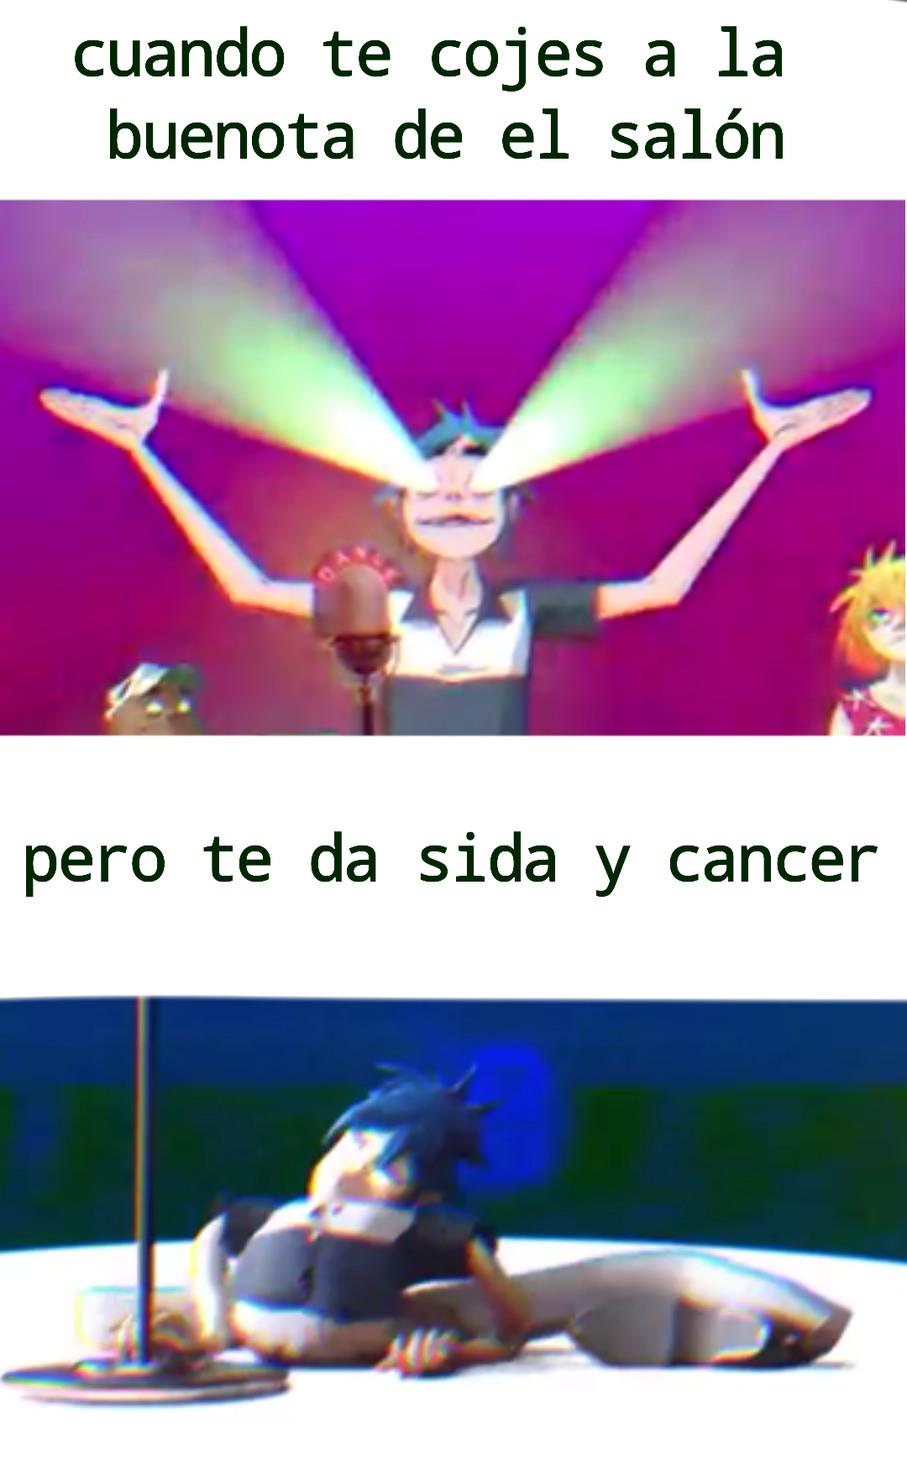 No sé de donde sale el cancer... - meme